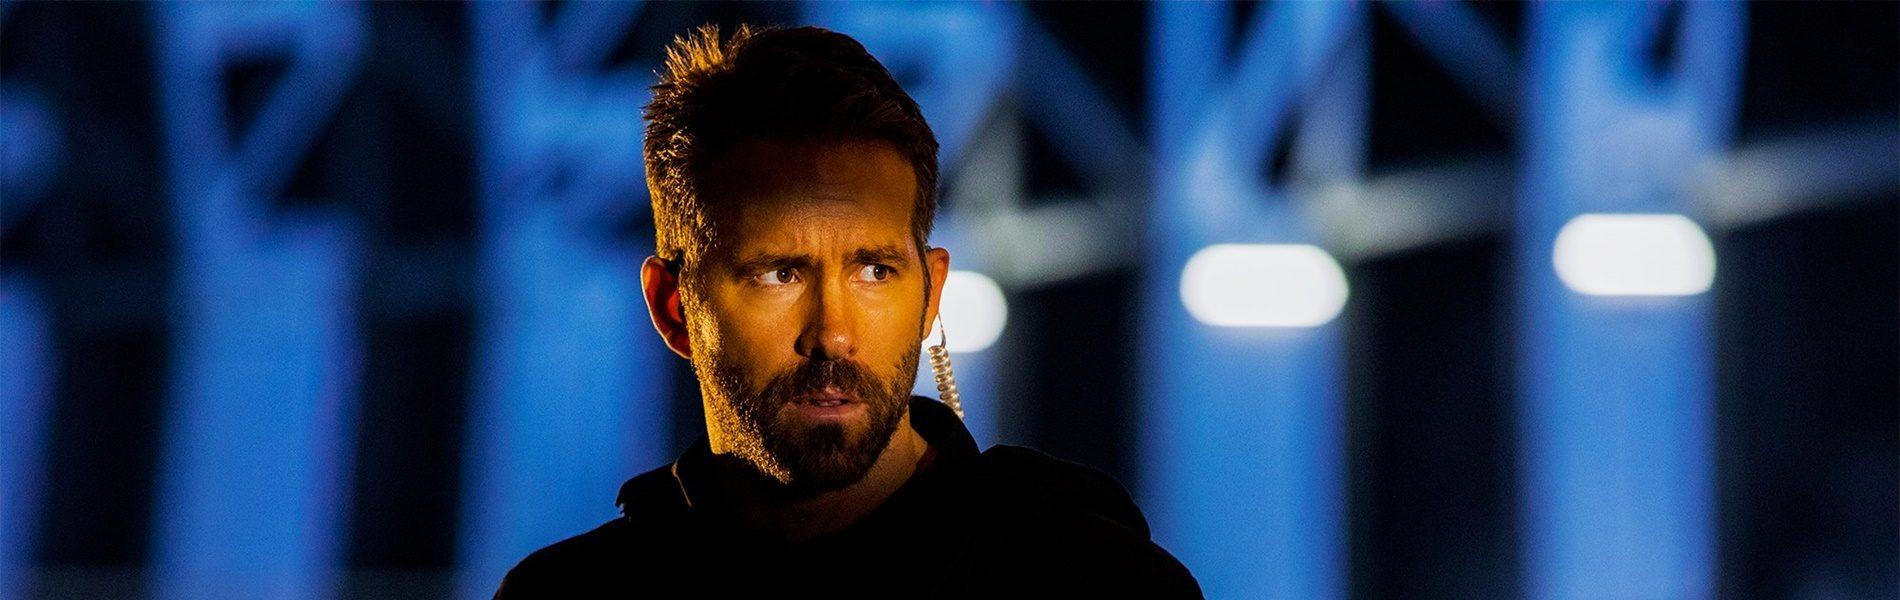 Baromi ütős előzetest kapott Ryan Reynolds és Michael Bay méregdrága akciófilmje